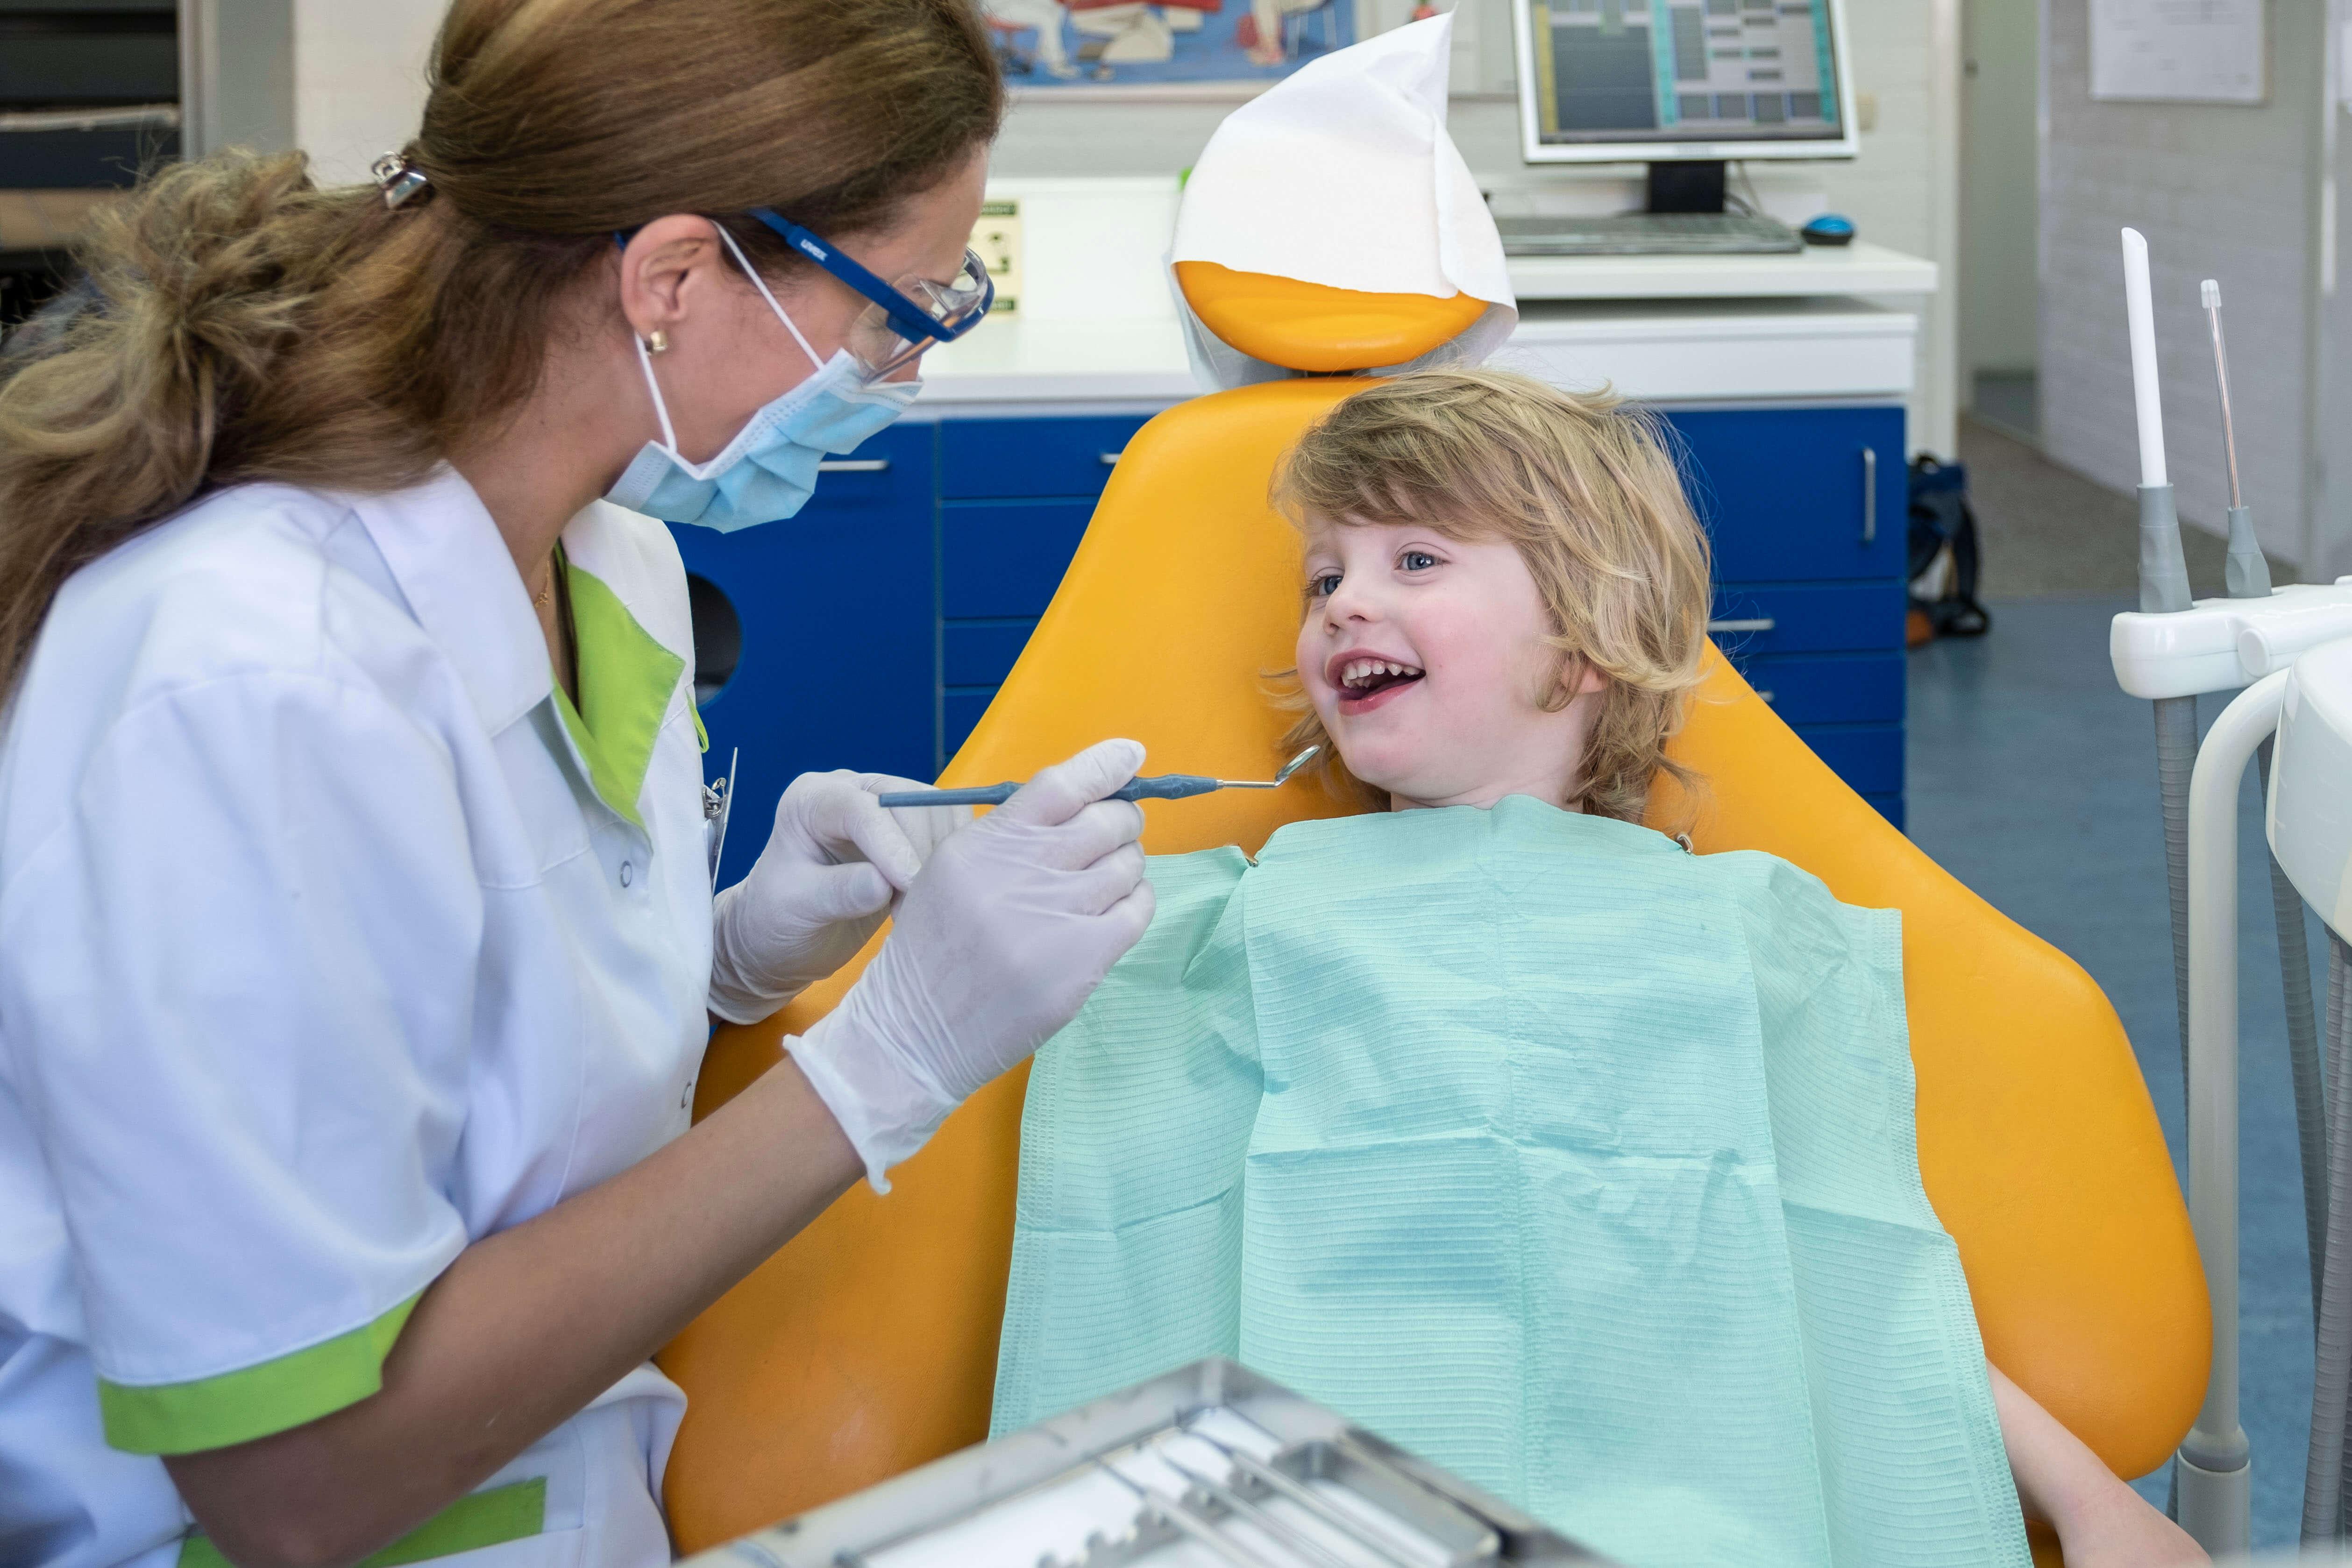 mondhygiene-behandeling-aanmelden-fokkerstraat-mondzorgpraktijk-tandarts-orthodontie-spoeddienst-assen-bellen-afspraak-gewoon-gaaf-page-title-bg